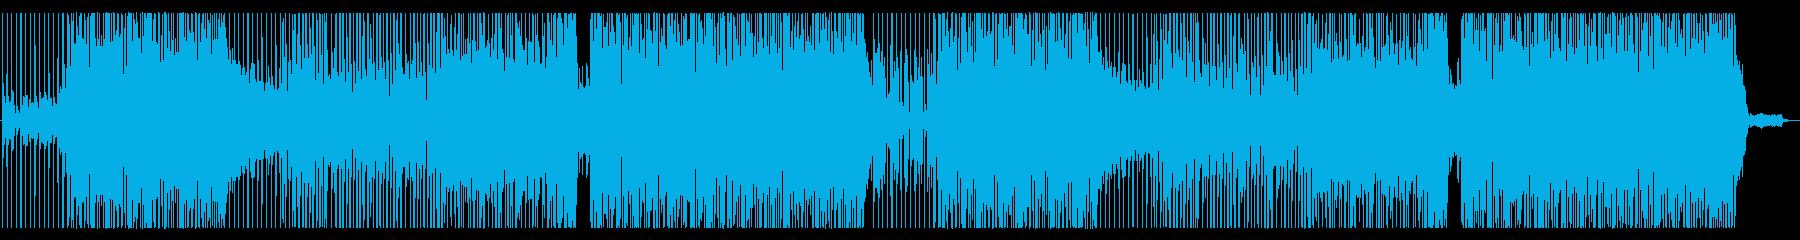 異国な雰囲気のフルートメロディの再生済みの波形